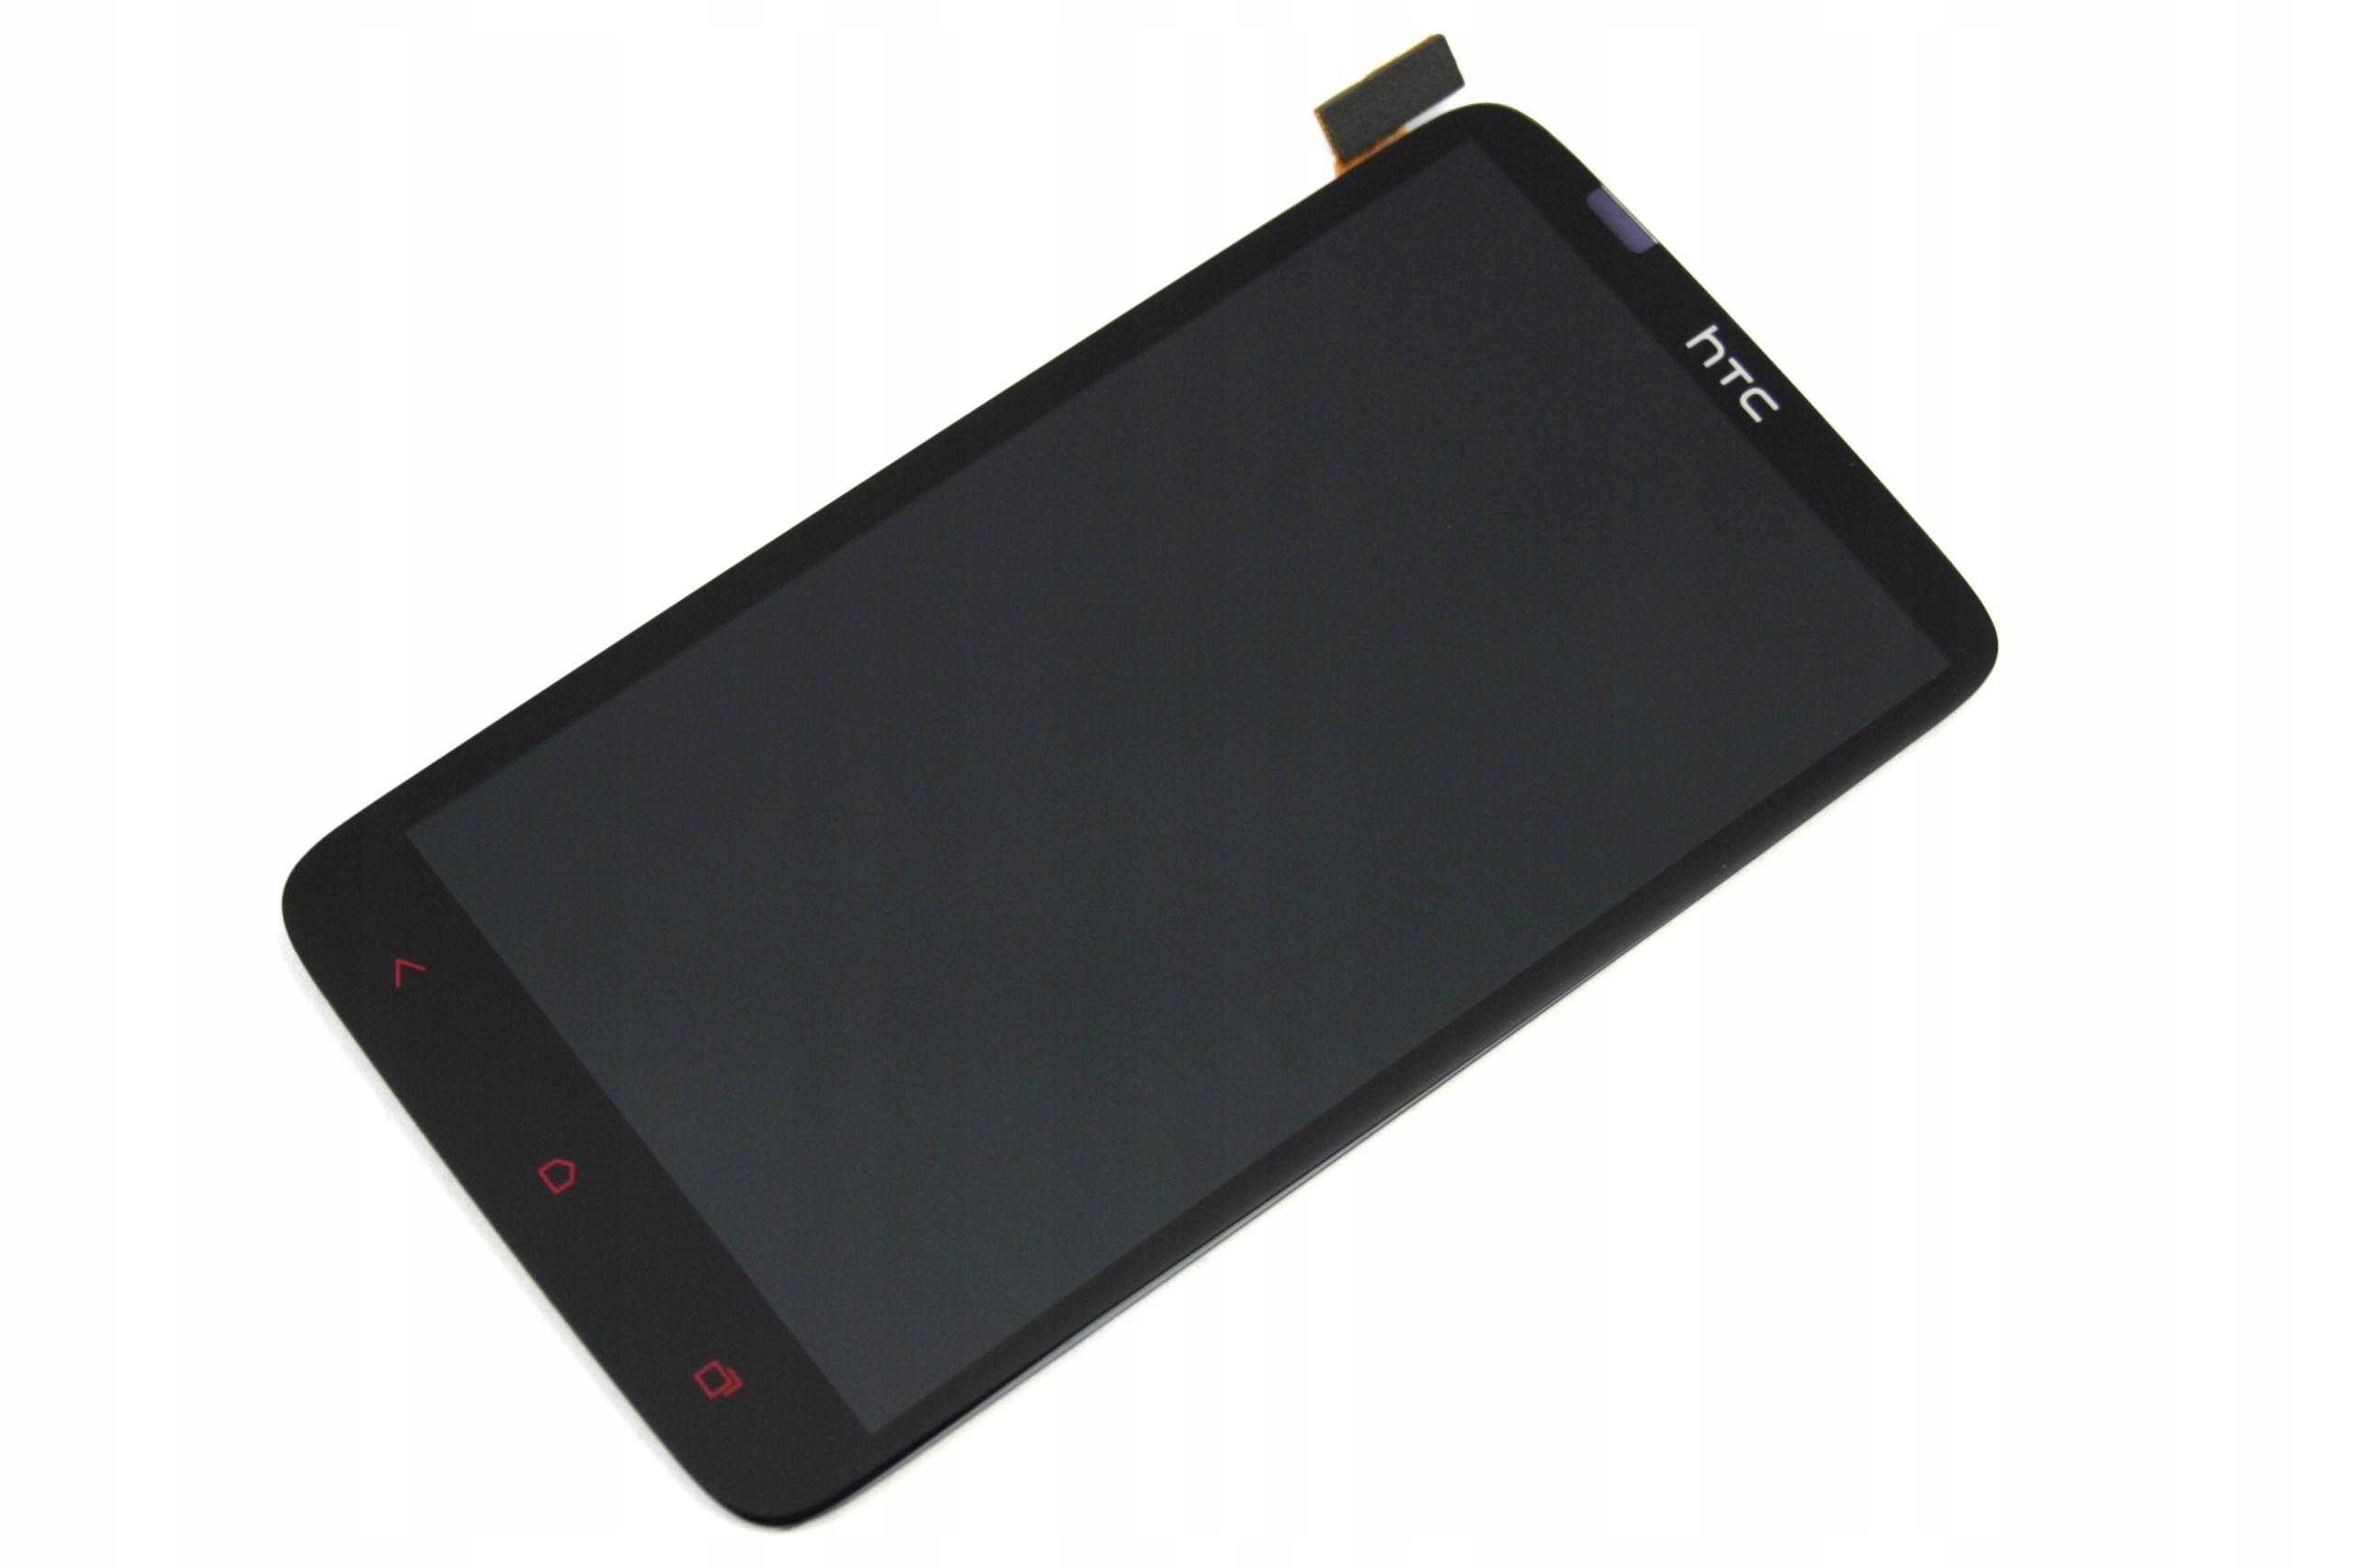 WYŚWIETLACZ Z DIGITIZEREM FULL SET HTC ONE X PLUS S728E - Wyświetlacze z digitizerami do telefonów